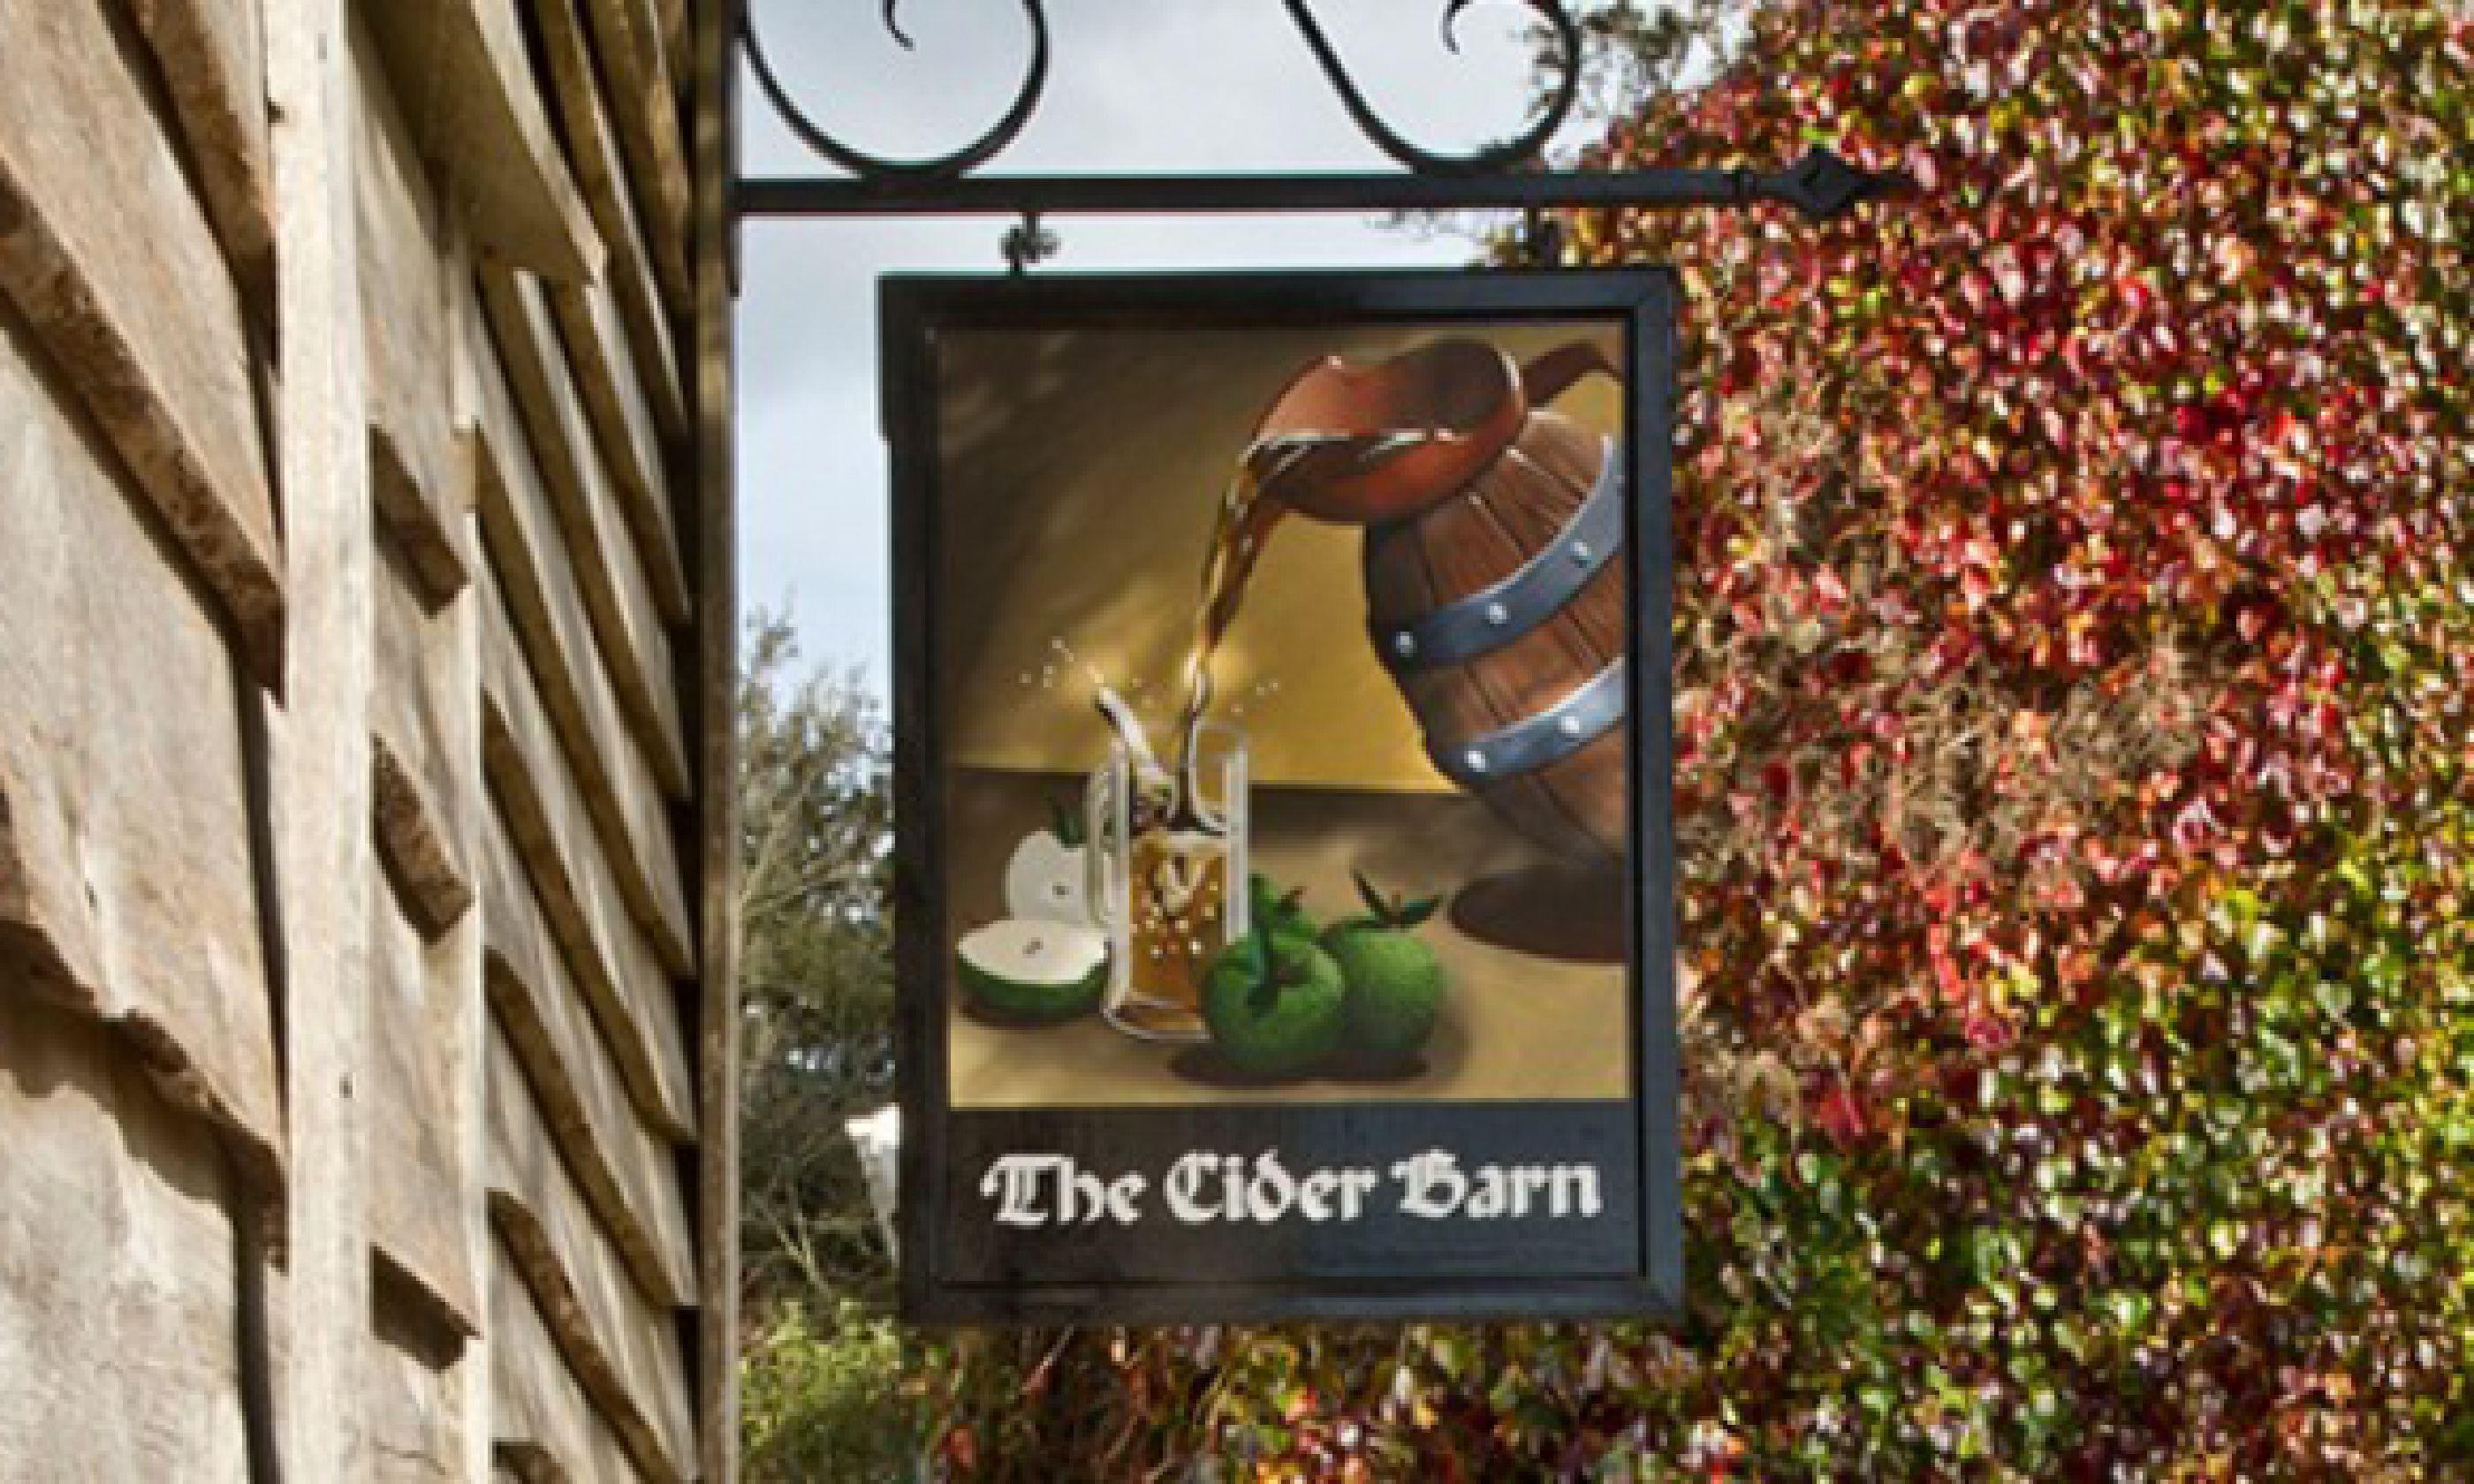 Rocquette cider barn (Rocquette Cider)